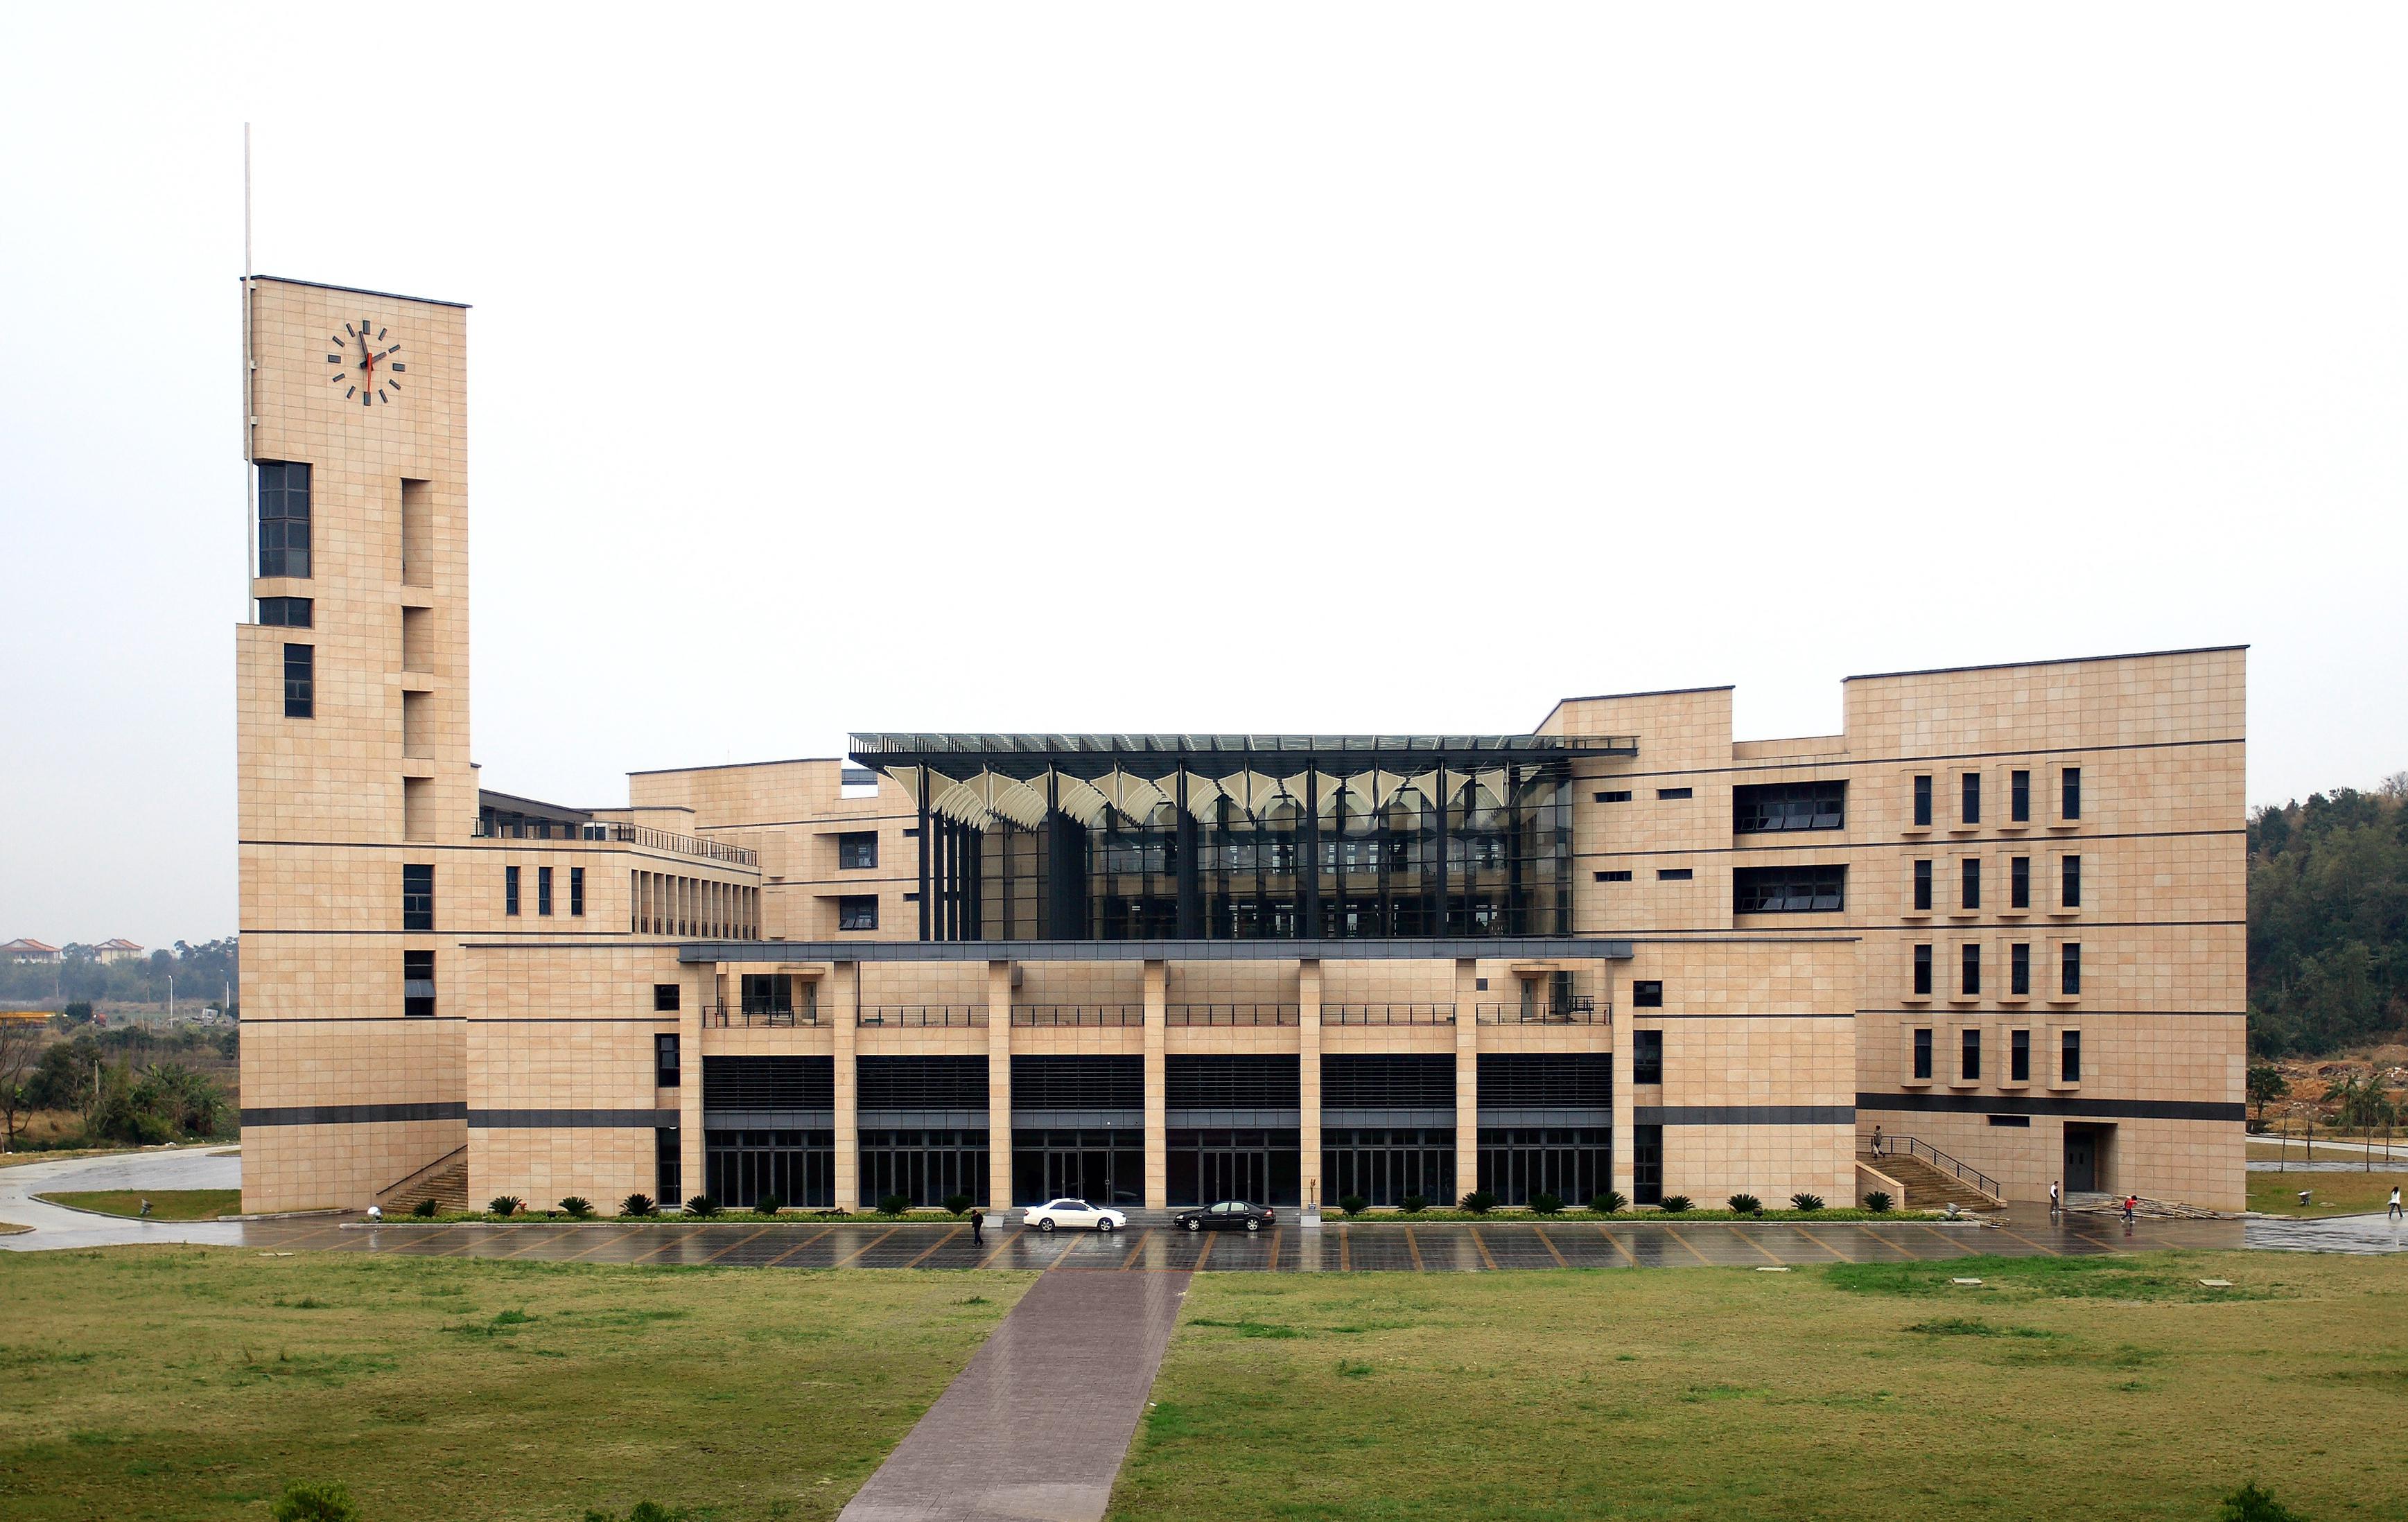 福州大学旗山校区图书馆新馆写真(图)图片